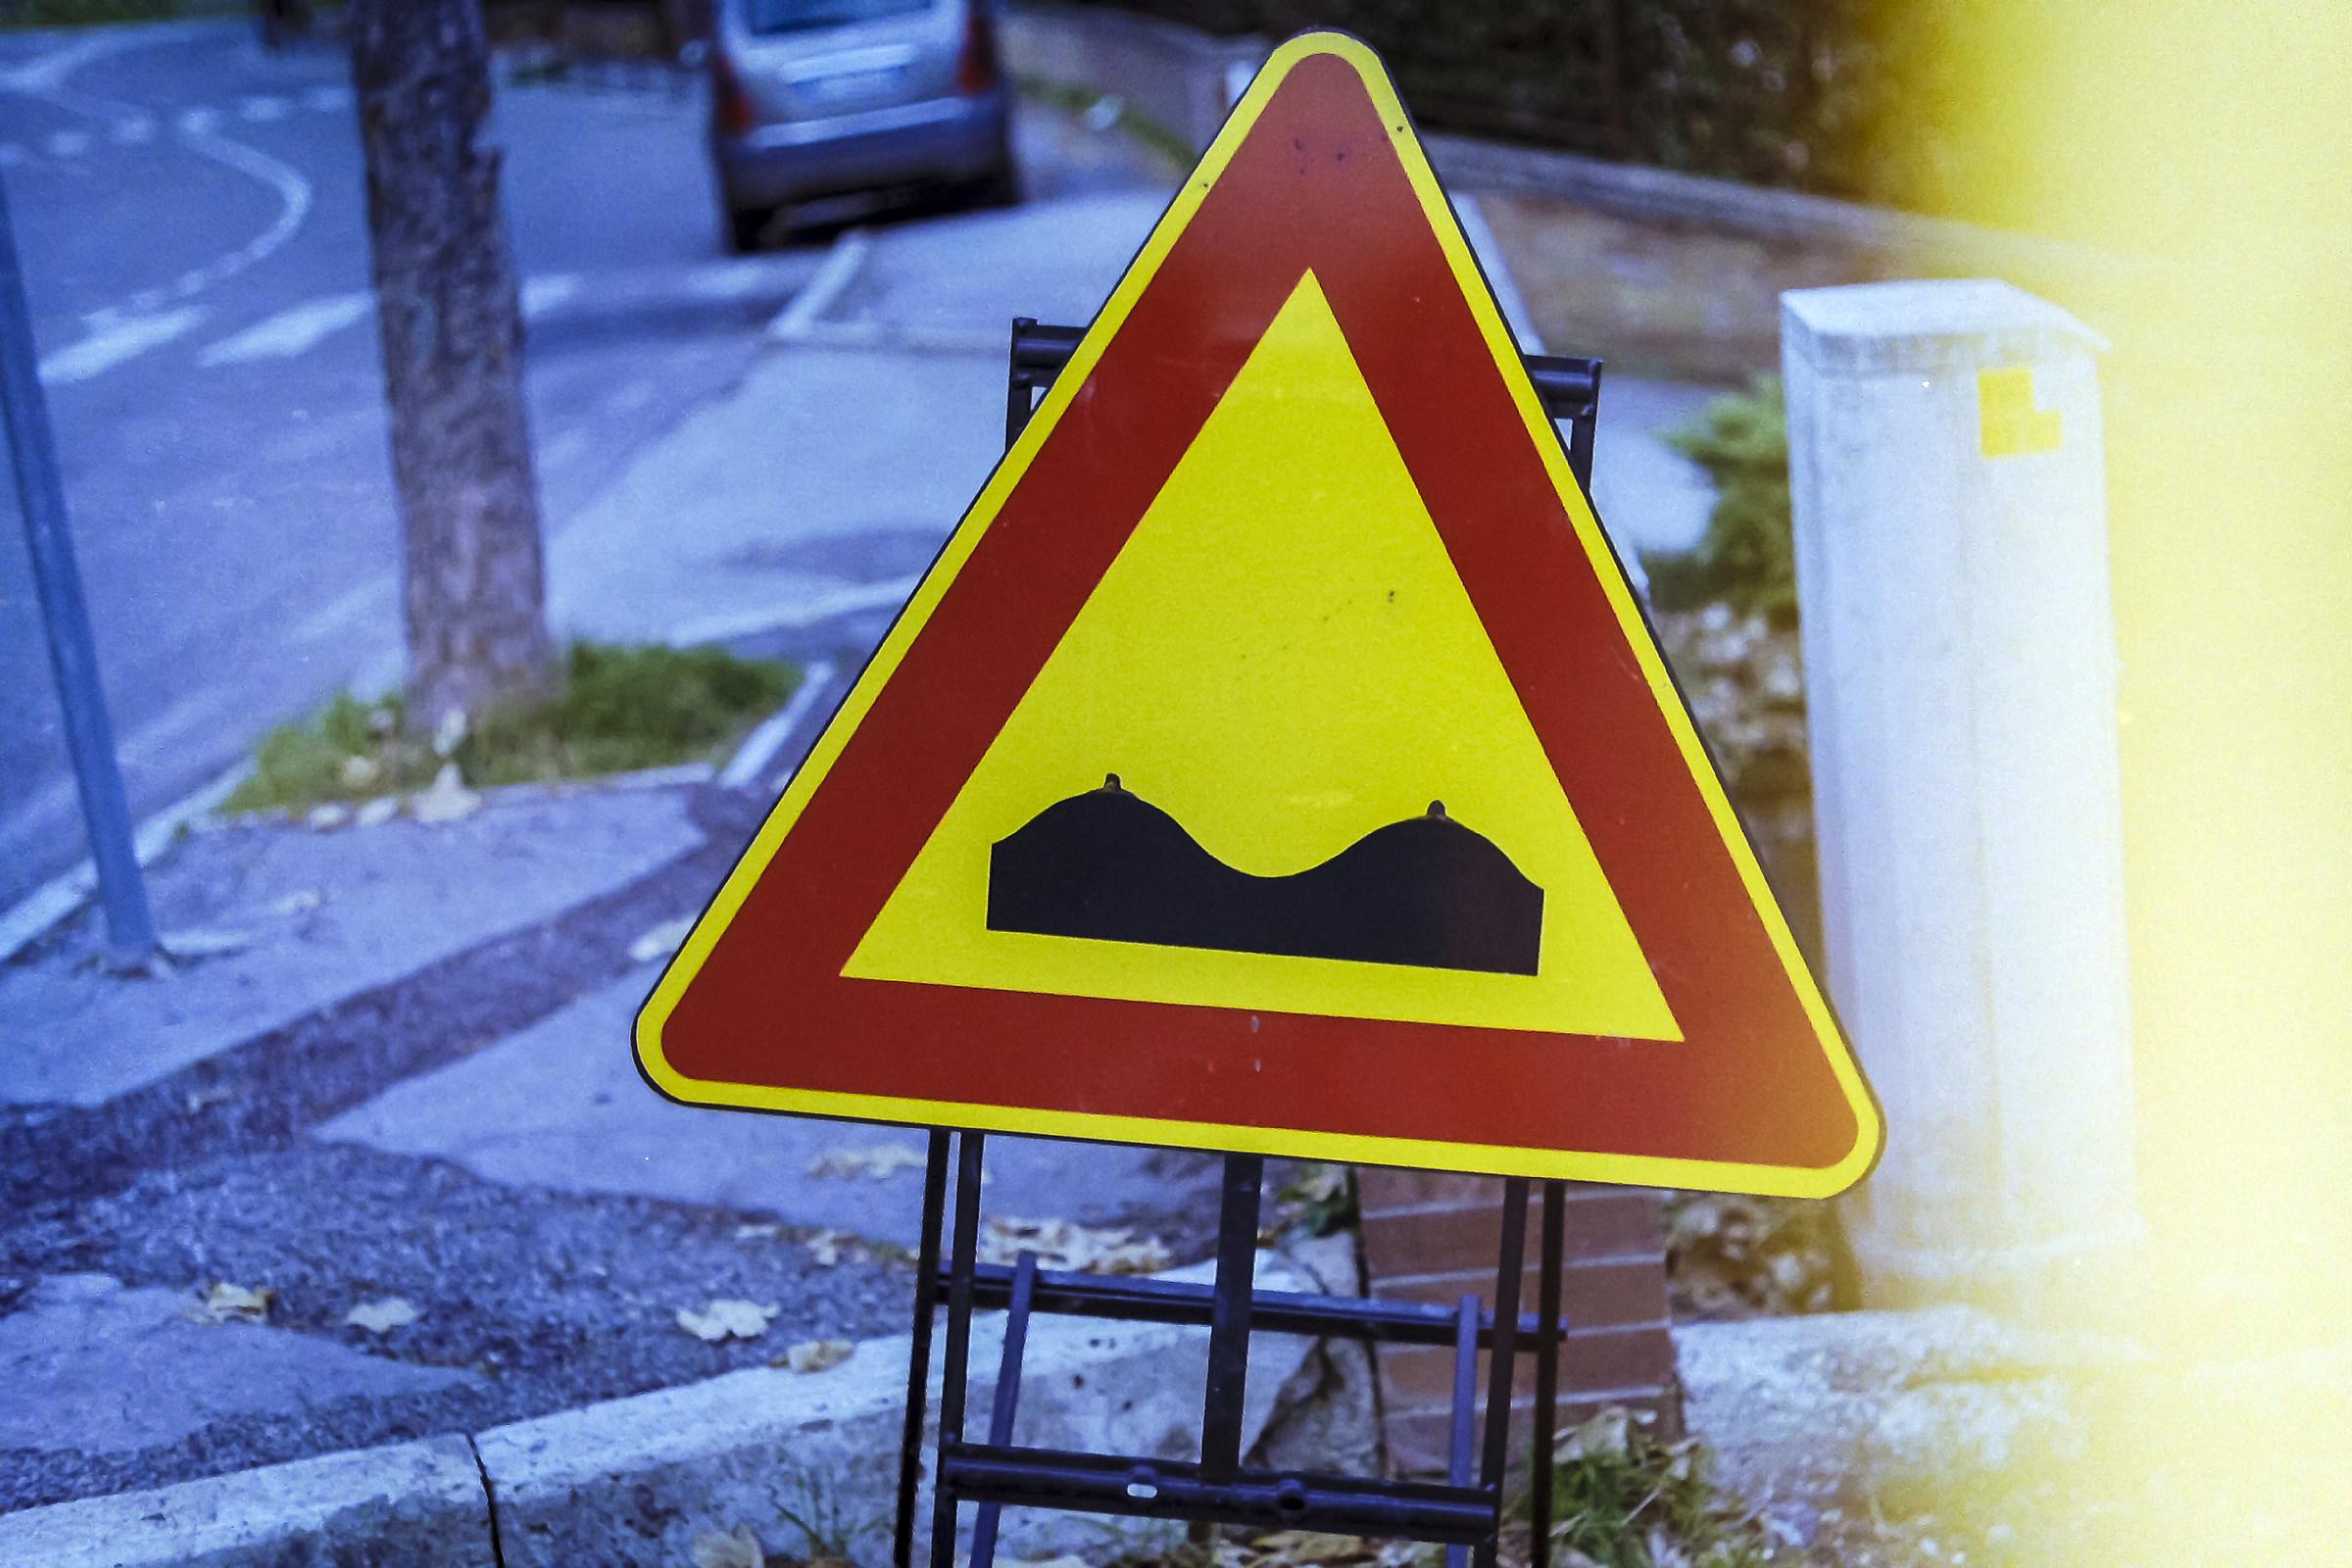 Pericolo!...